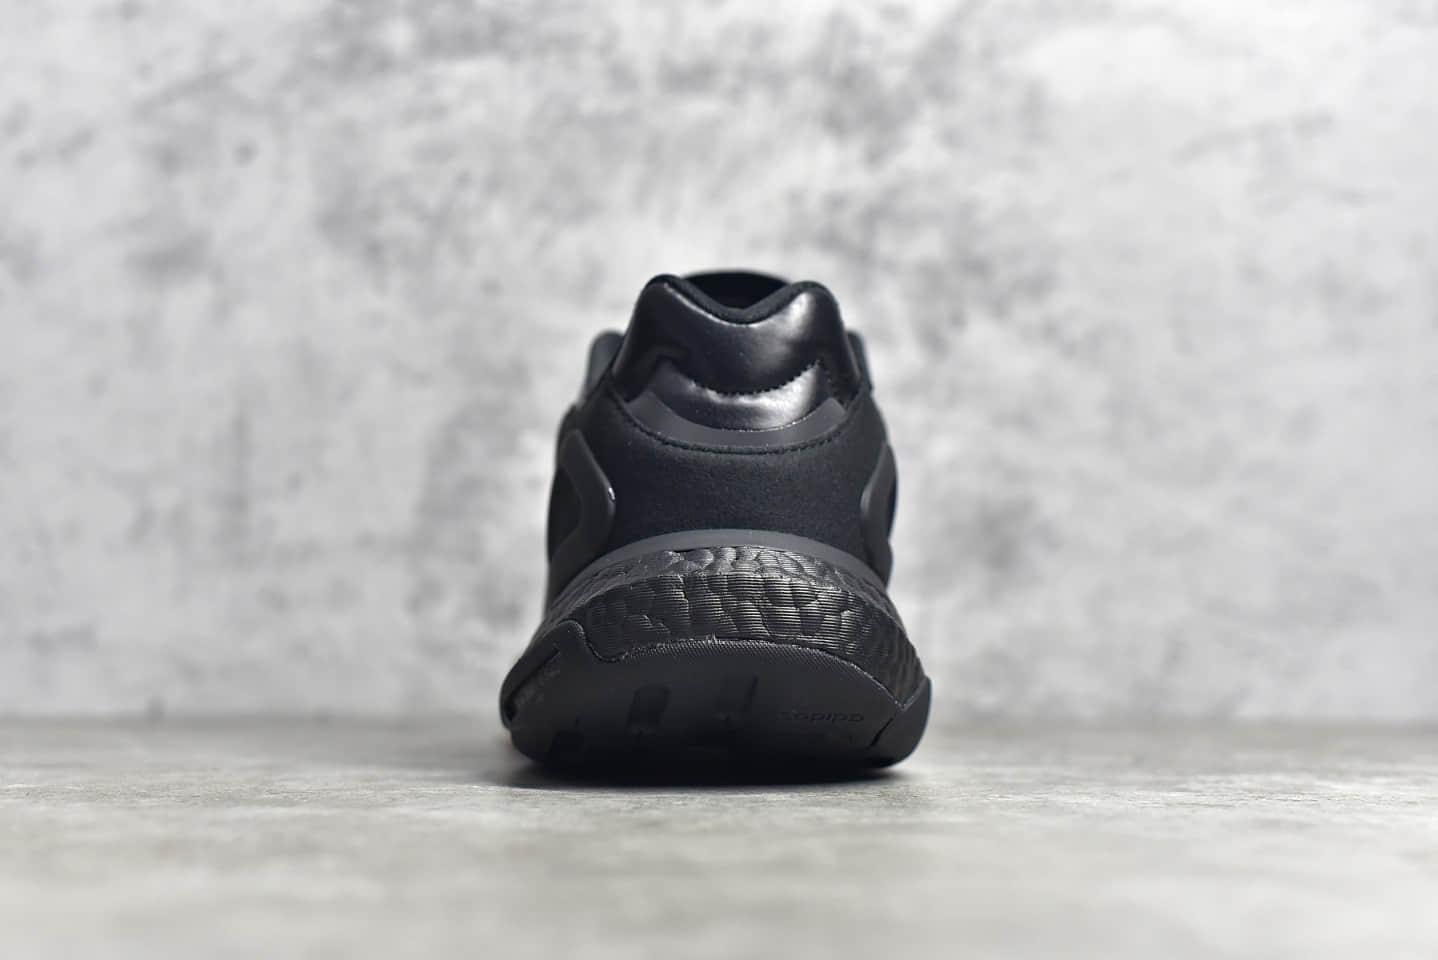 阿迪达斯夜行者二代黑红色跑鞋 Adidas Day Jogger 陈奕迅同款阿迪达斯BOOST跑鞋 货号:FW4820-潮流者之家